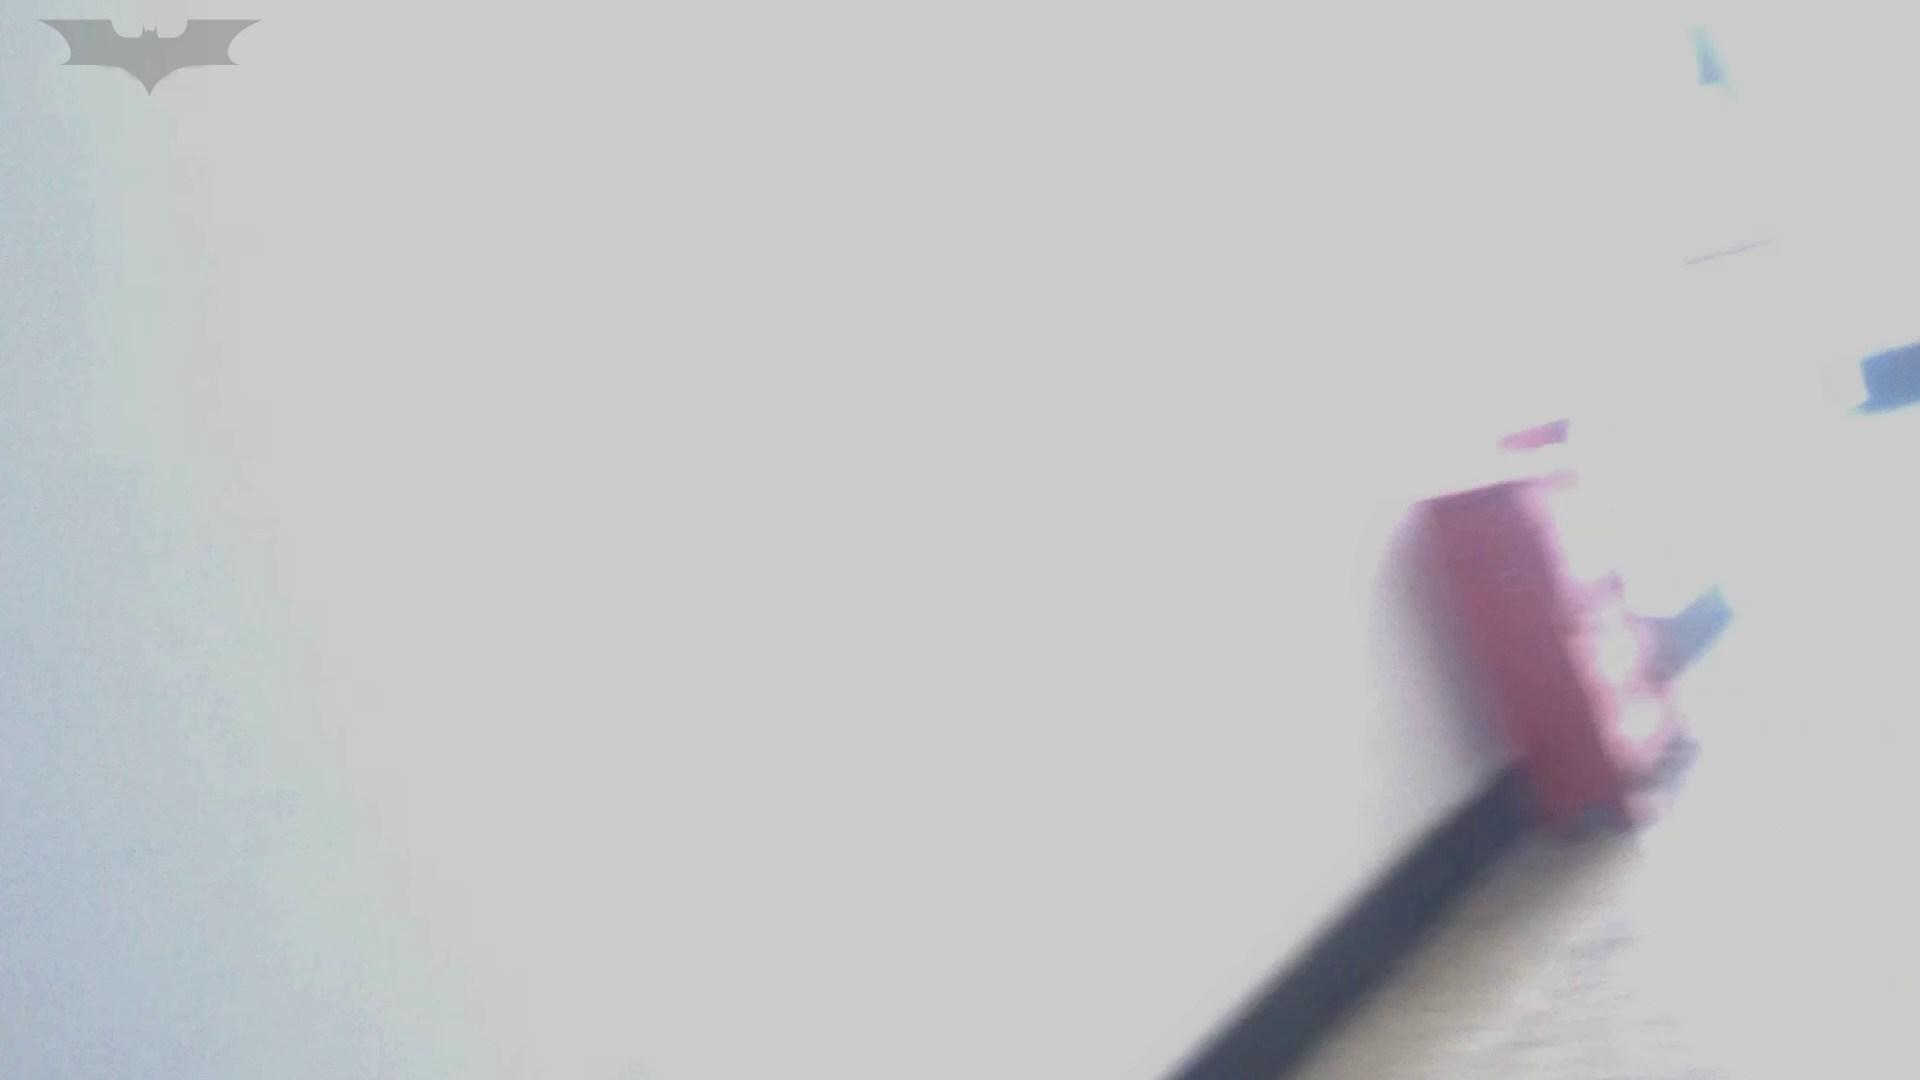 JD盗撮 美女の洗面所の秘密 Vol.02 美女 ワレメ動画紹介 60画像 6